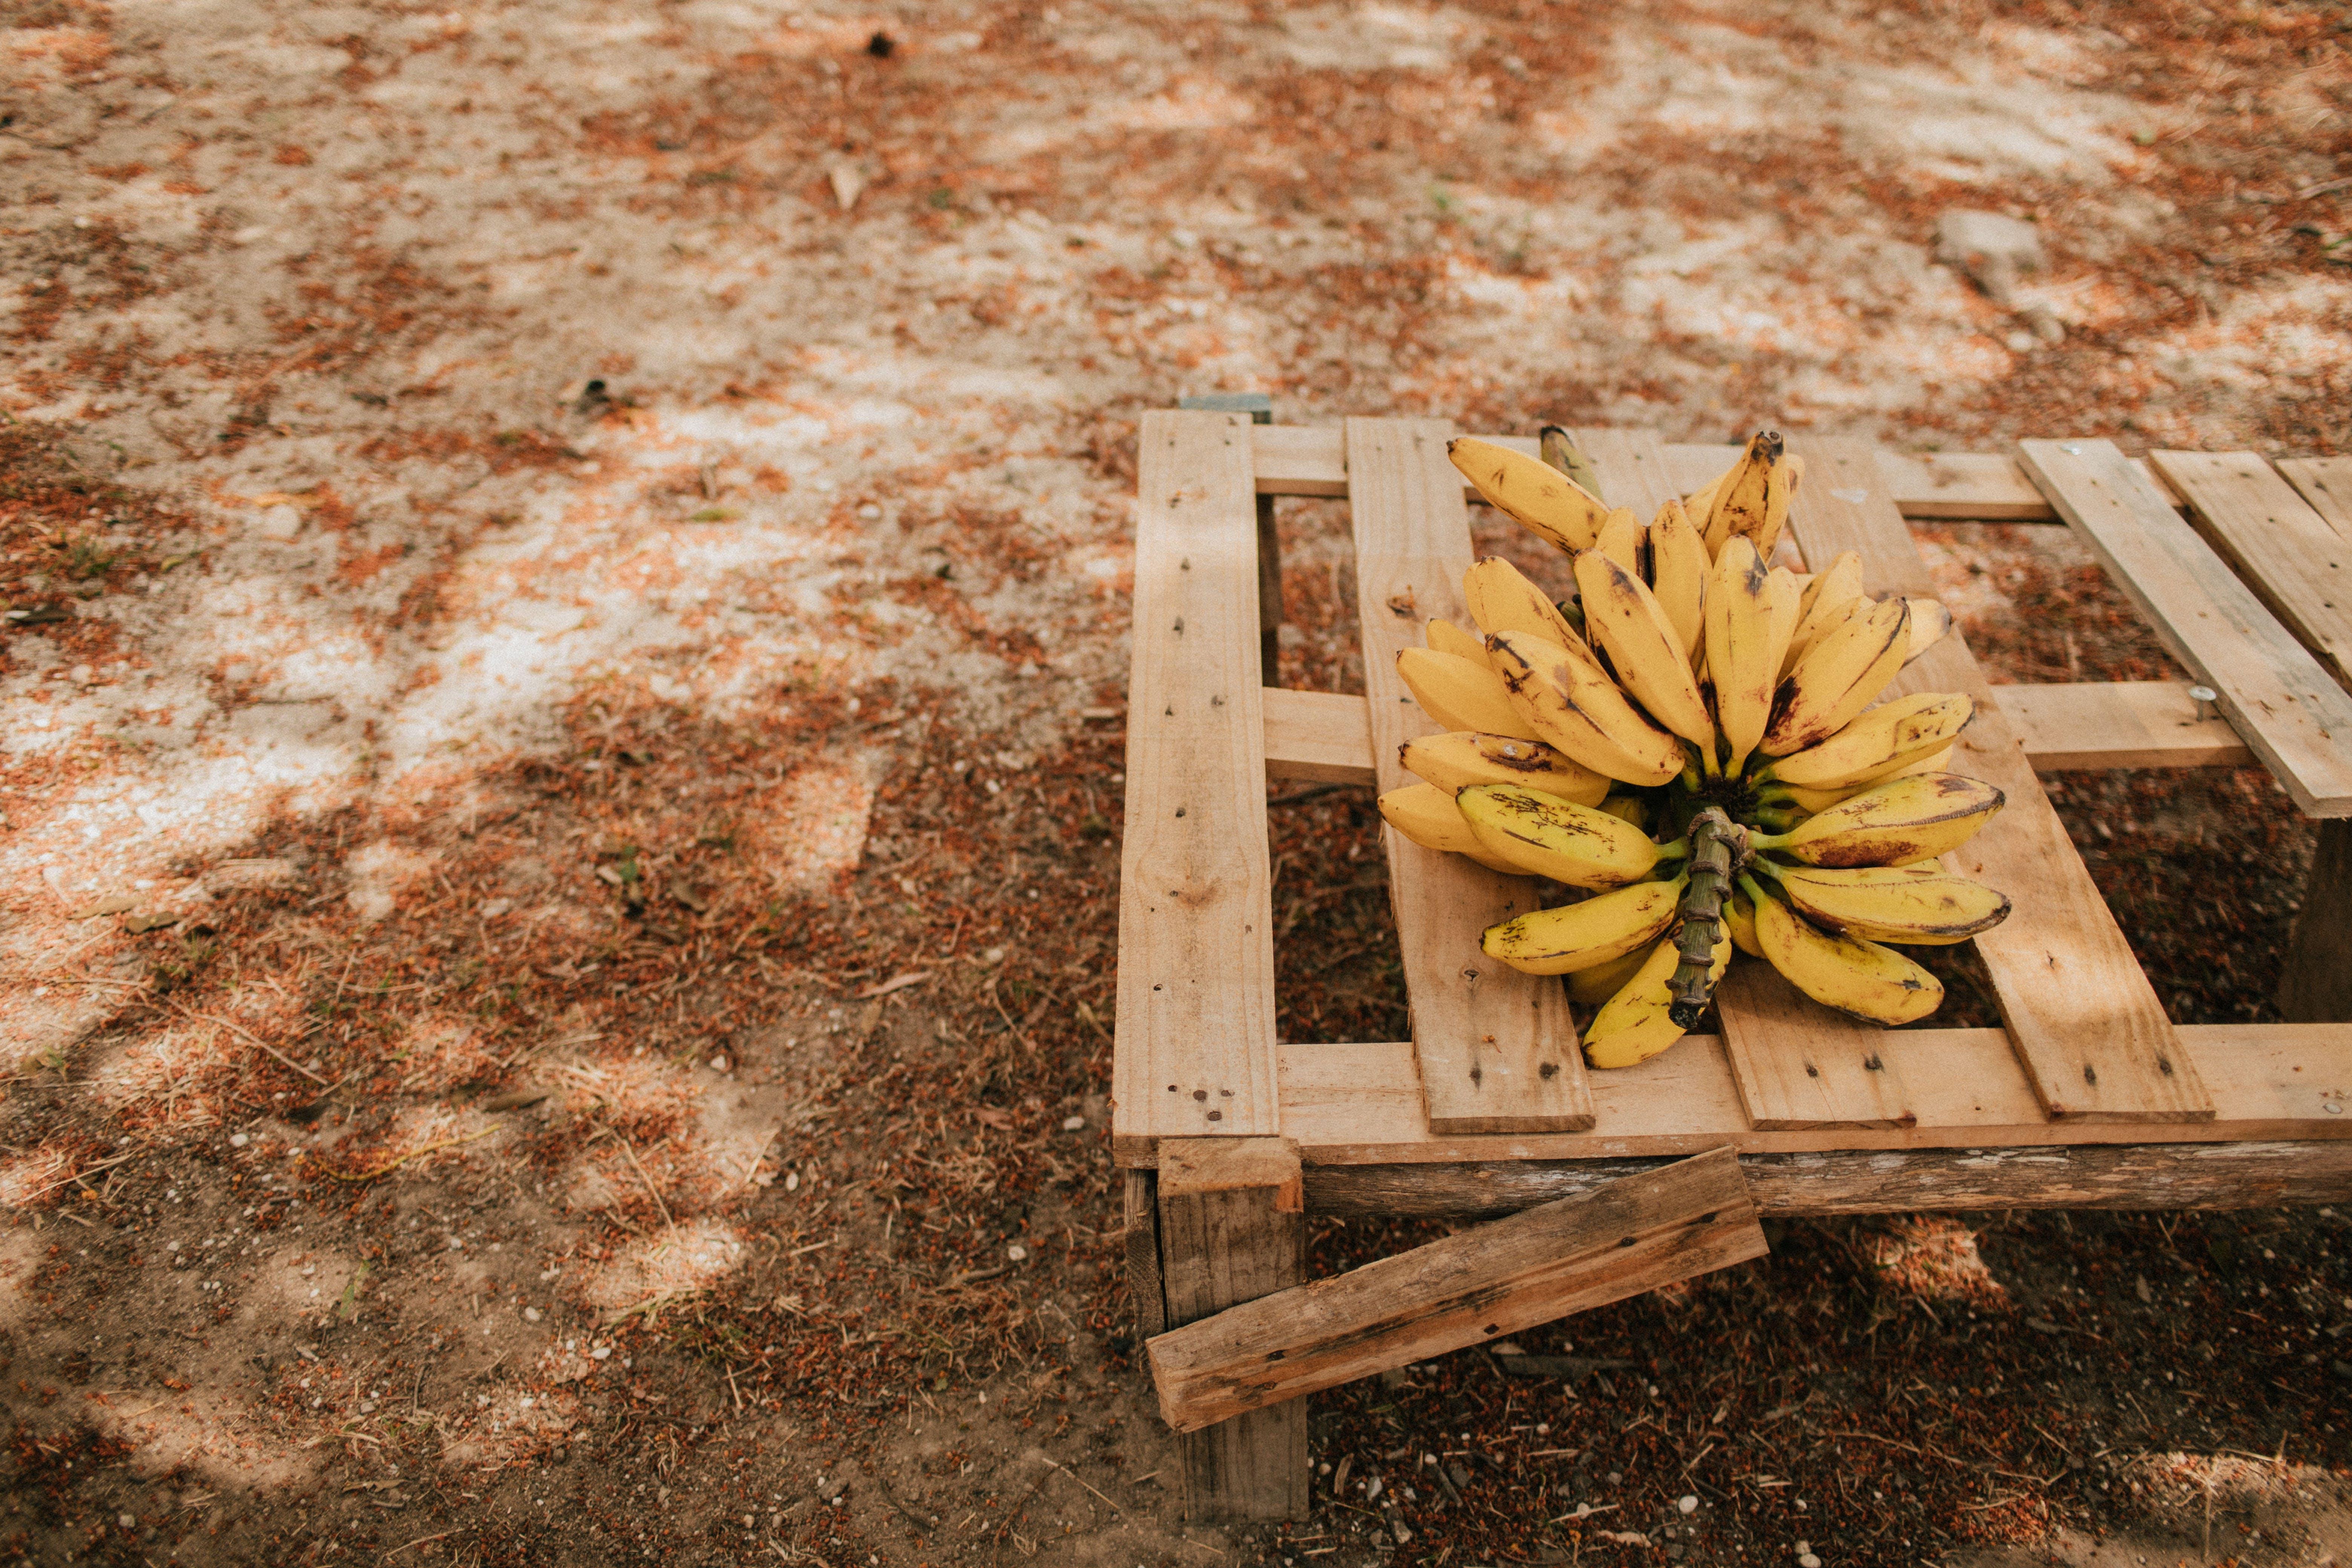 Kostnadsfri bild av banan, hälsosam, mat, panama